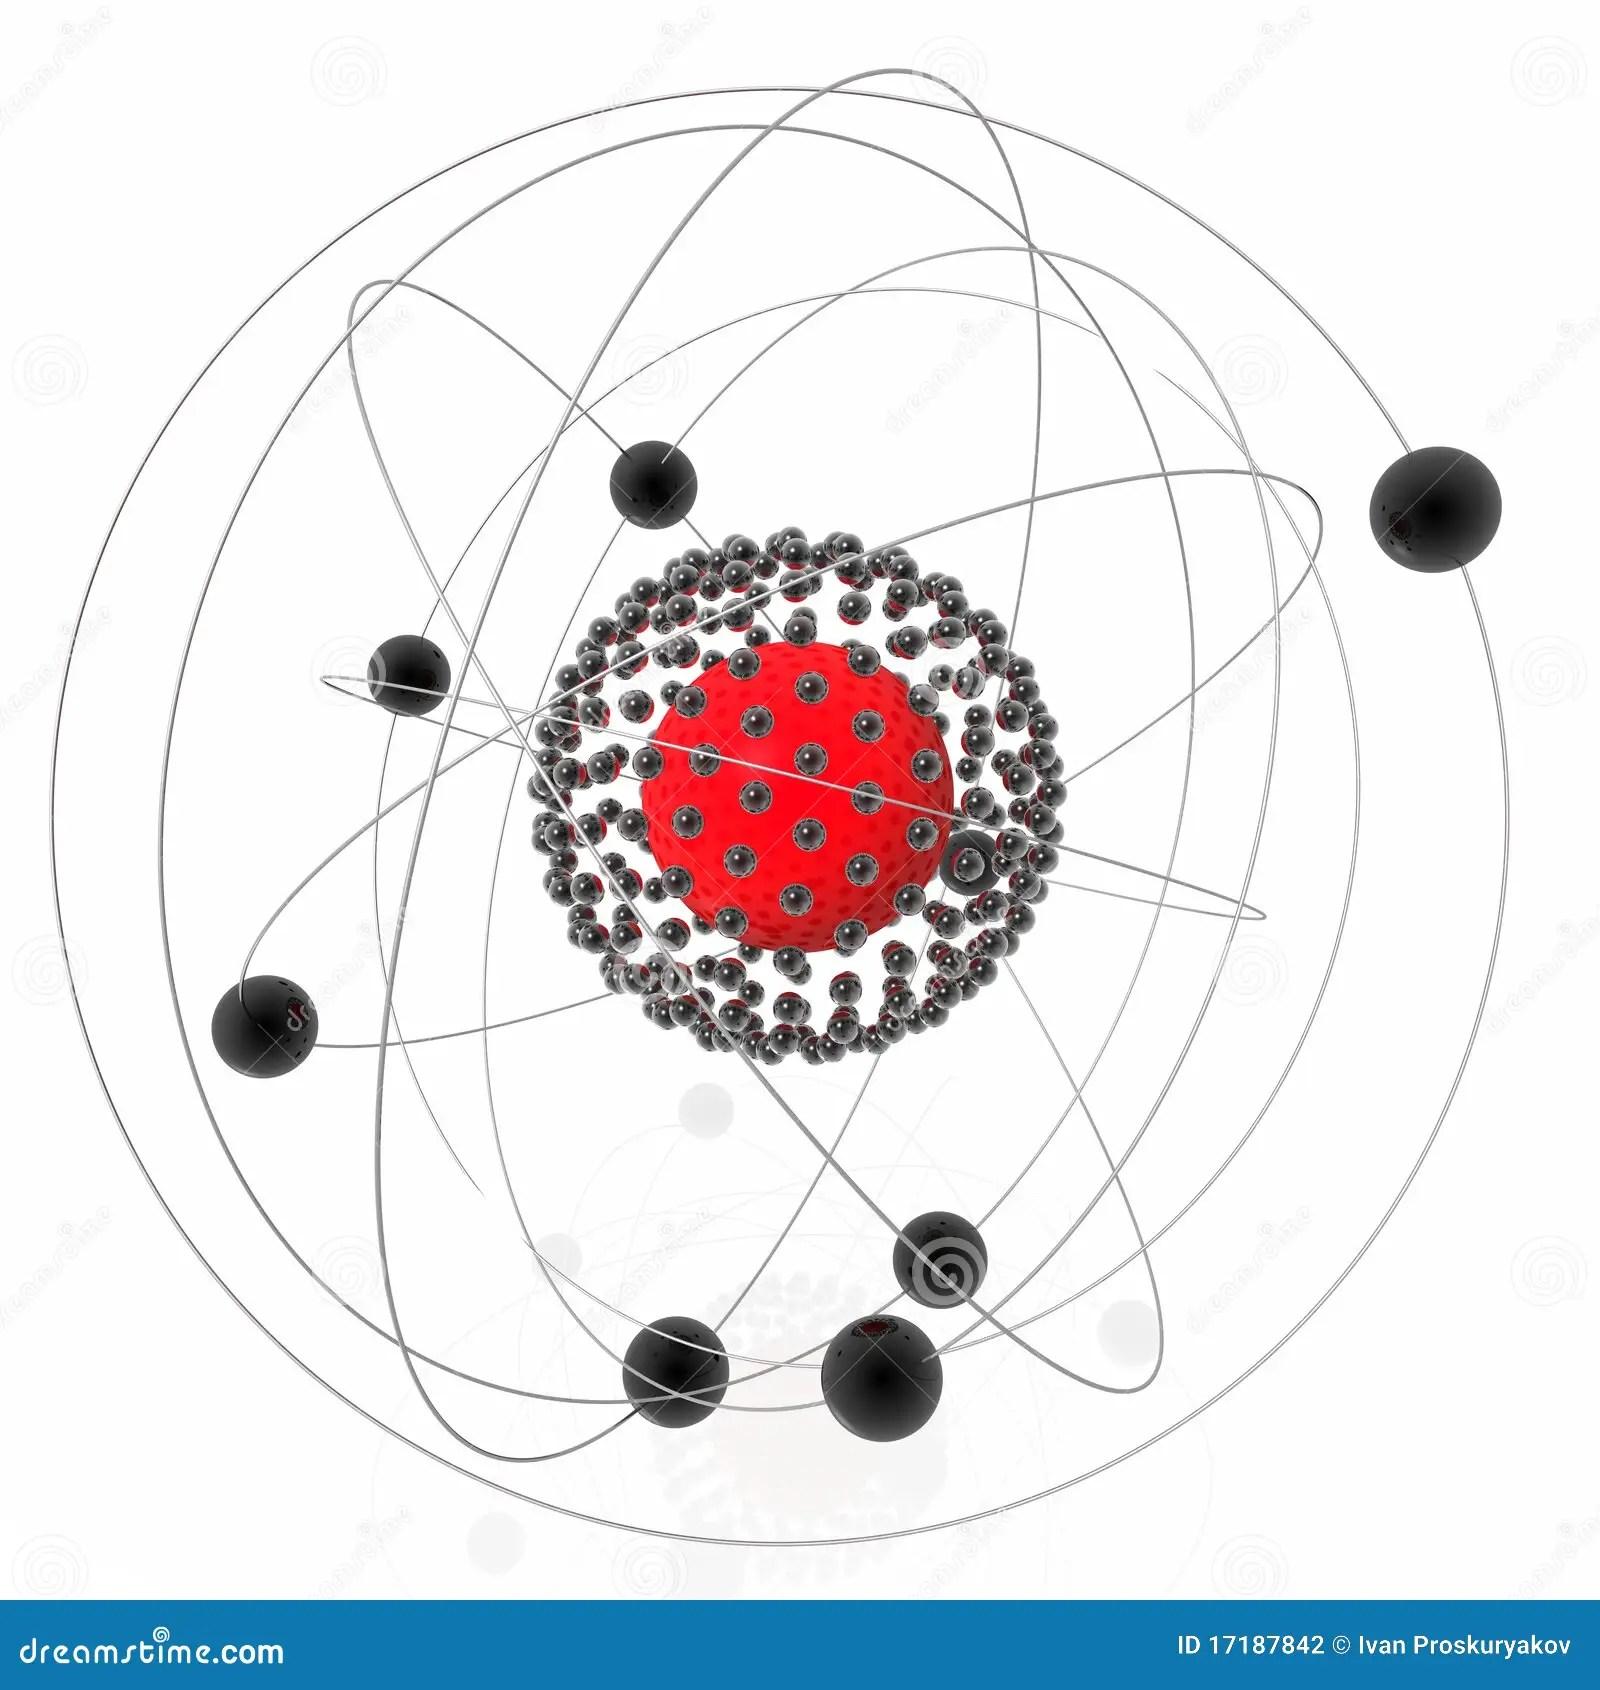 Atomic Nucleus Stock Photography